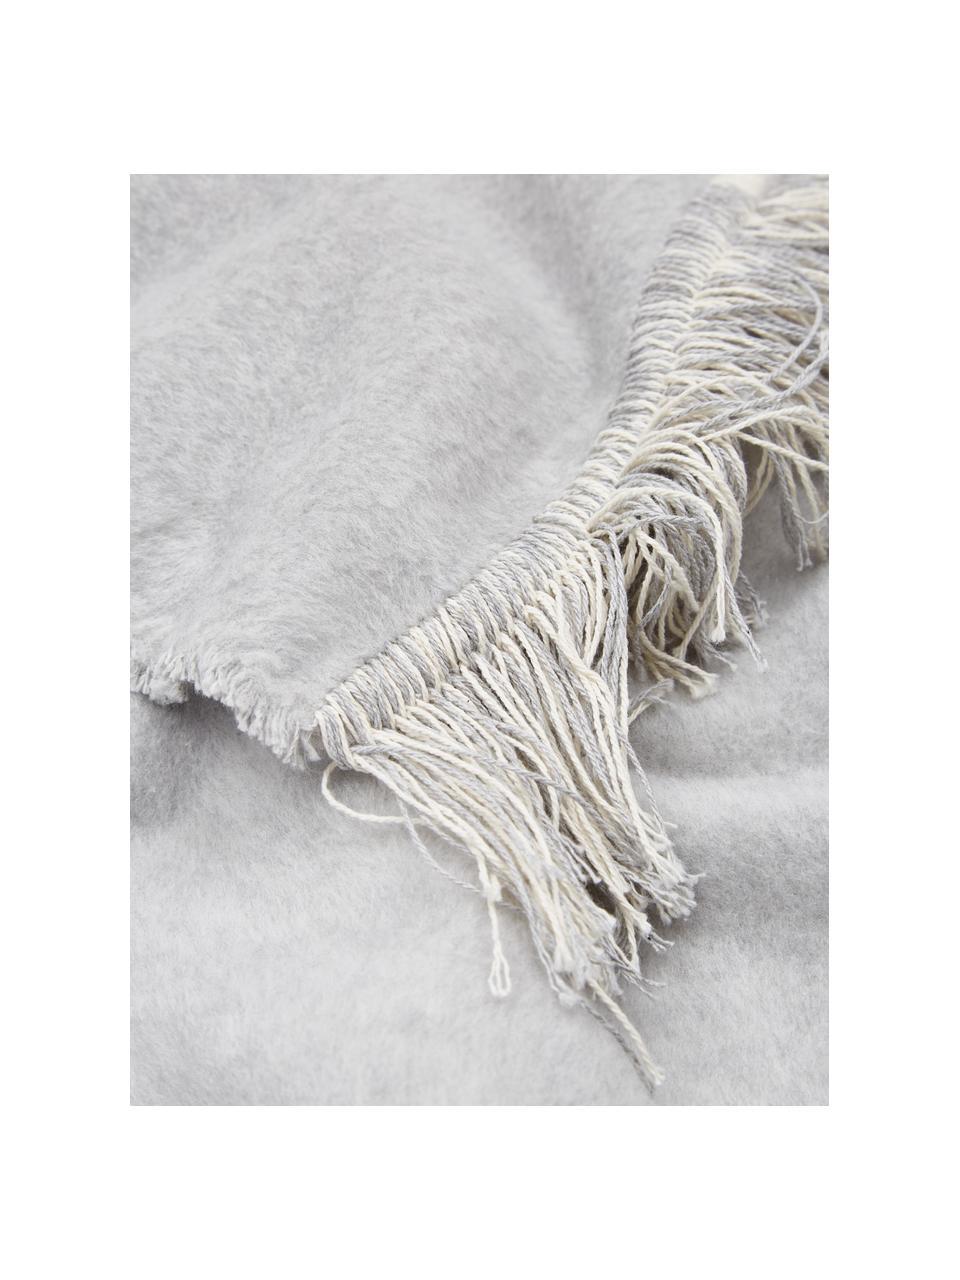 Baumwoll-Kuscheldecke Vienna in Grau mit Fransen, 85% Baumwolle, 8% Viskose, 7% Polyacryl, Grau, 150 x 200 cm